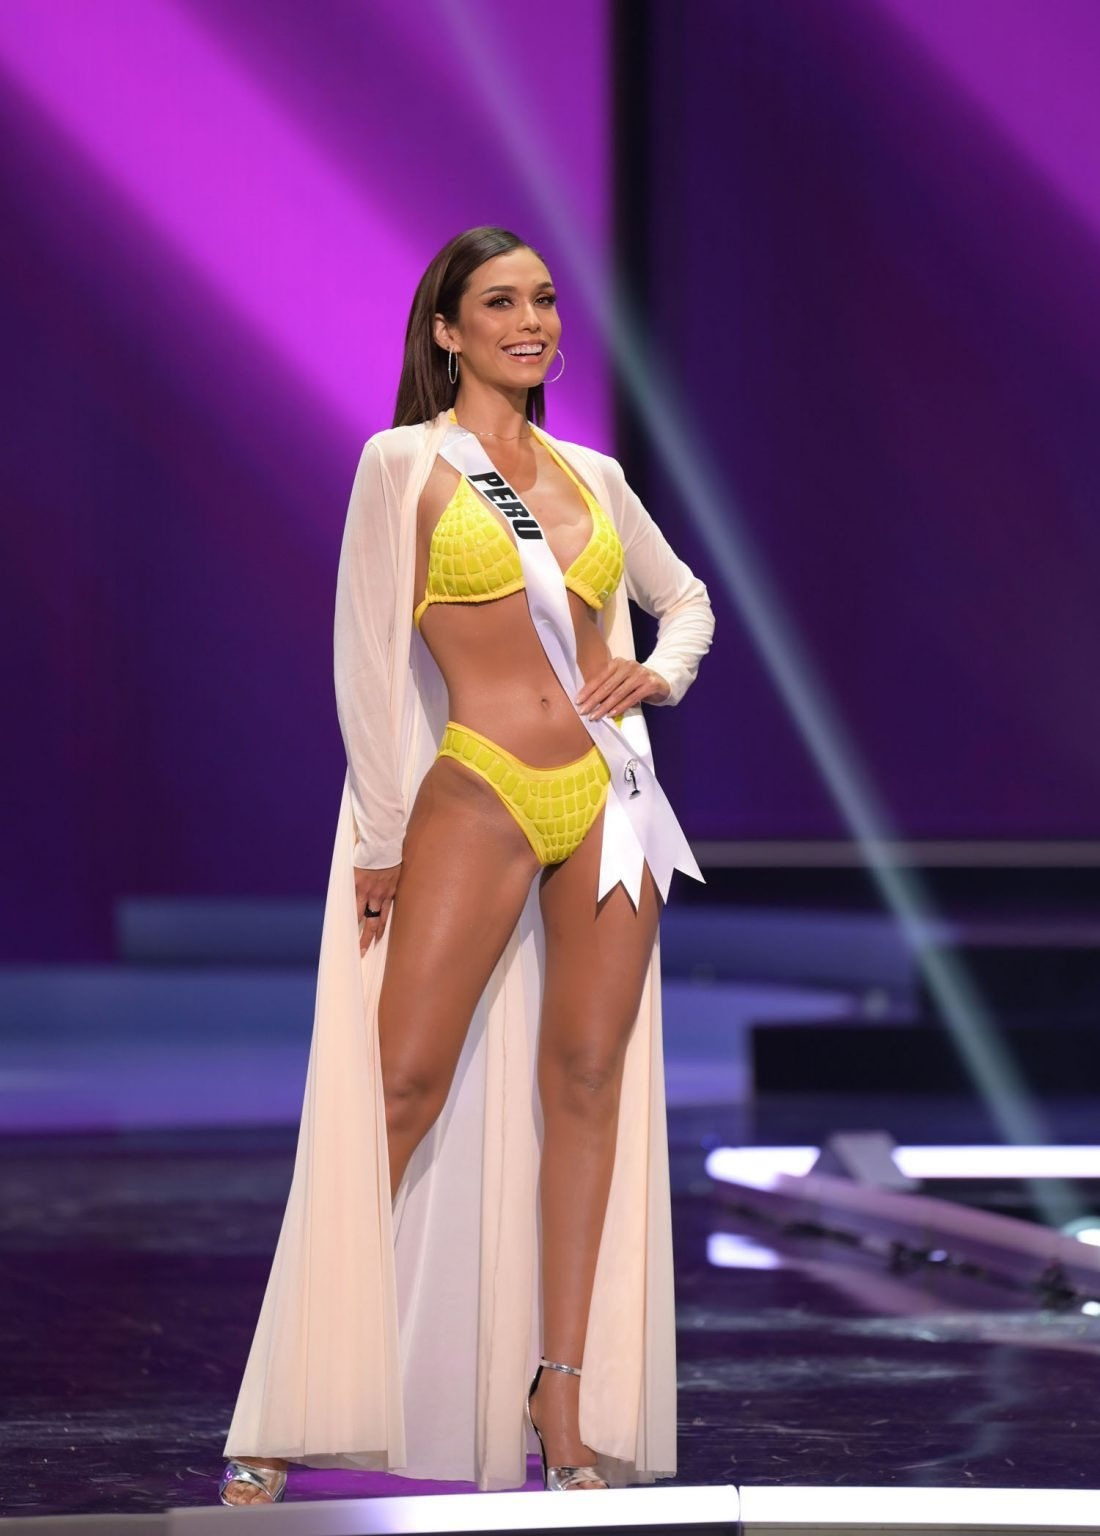 Á hậu gây nhiều tiếc nuối nhất tại Hoa hậu Hoàn vũ 2020 - Ảnh 6.